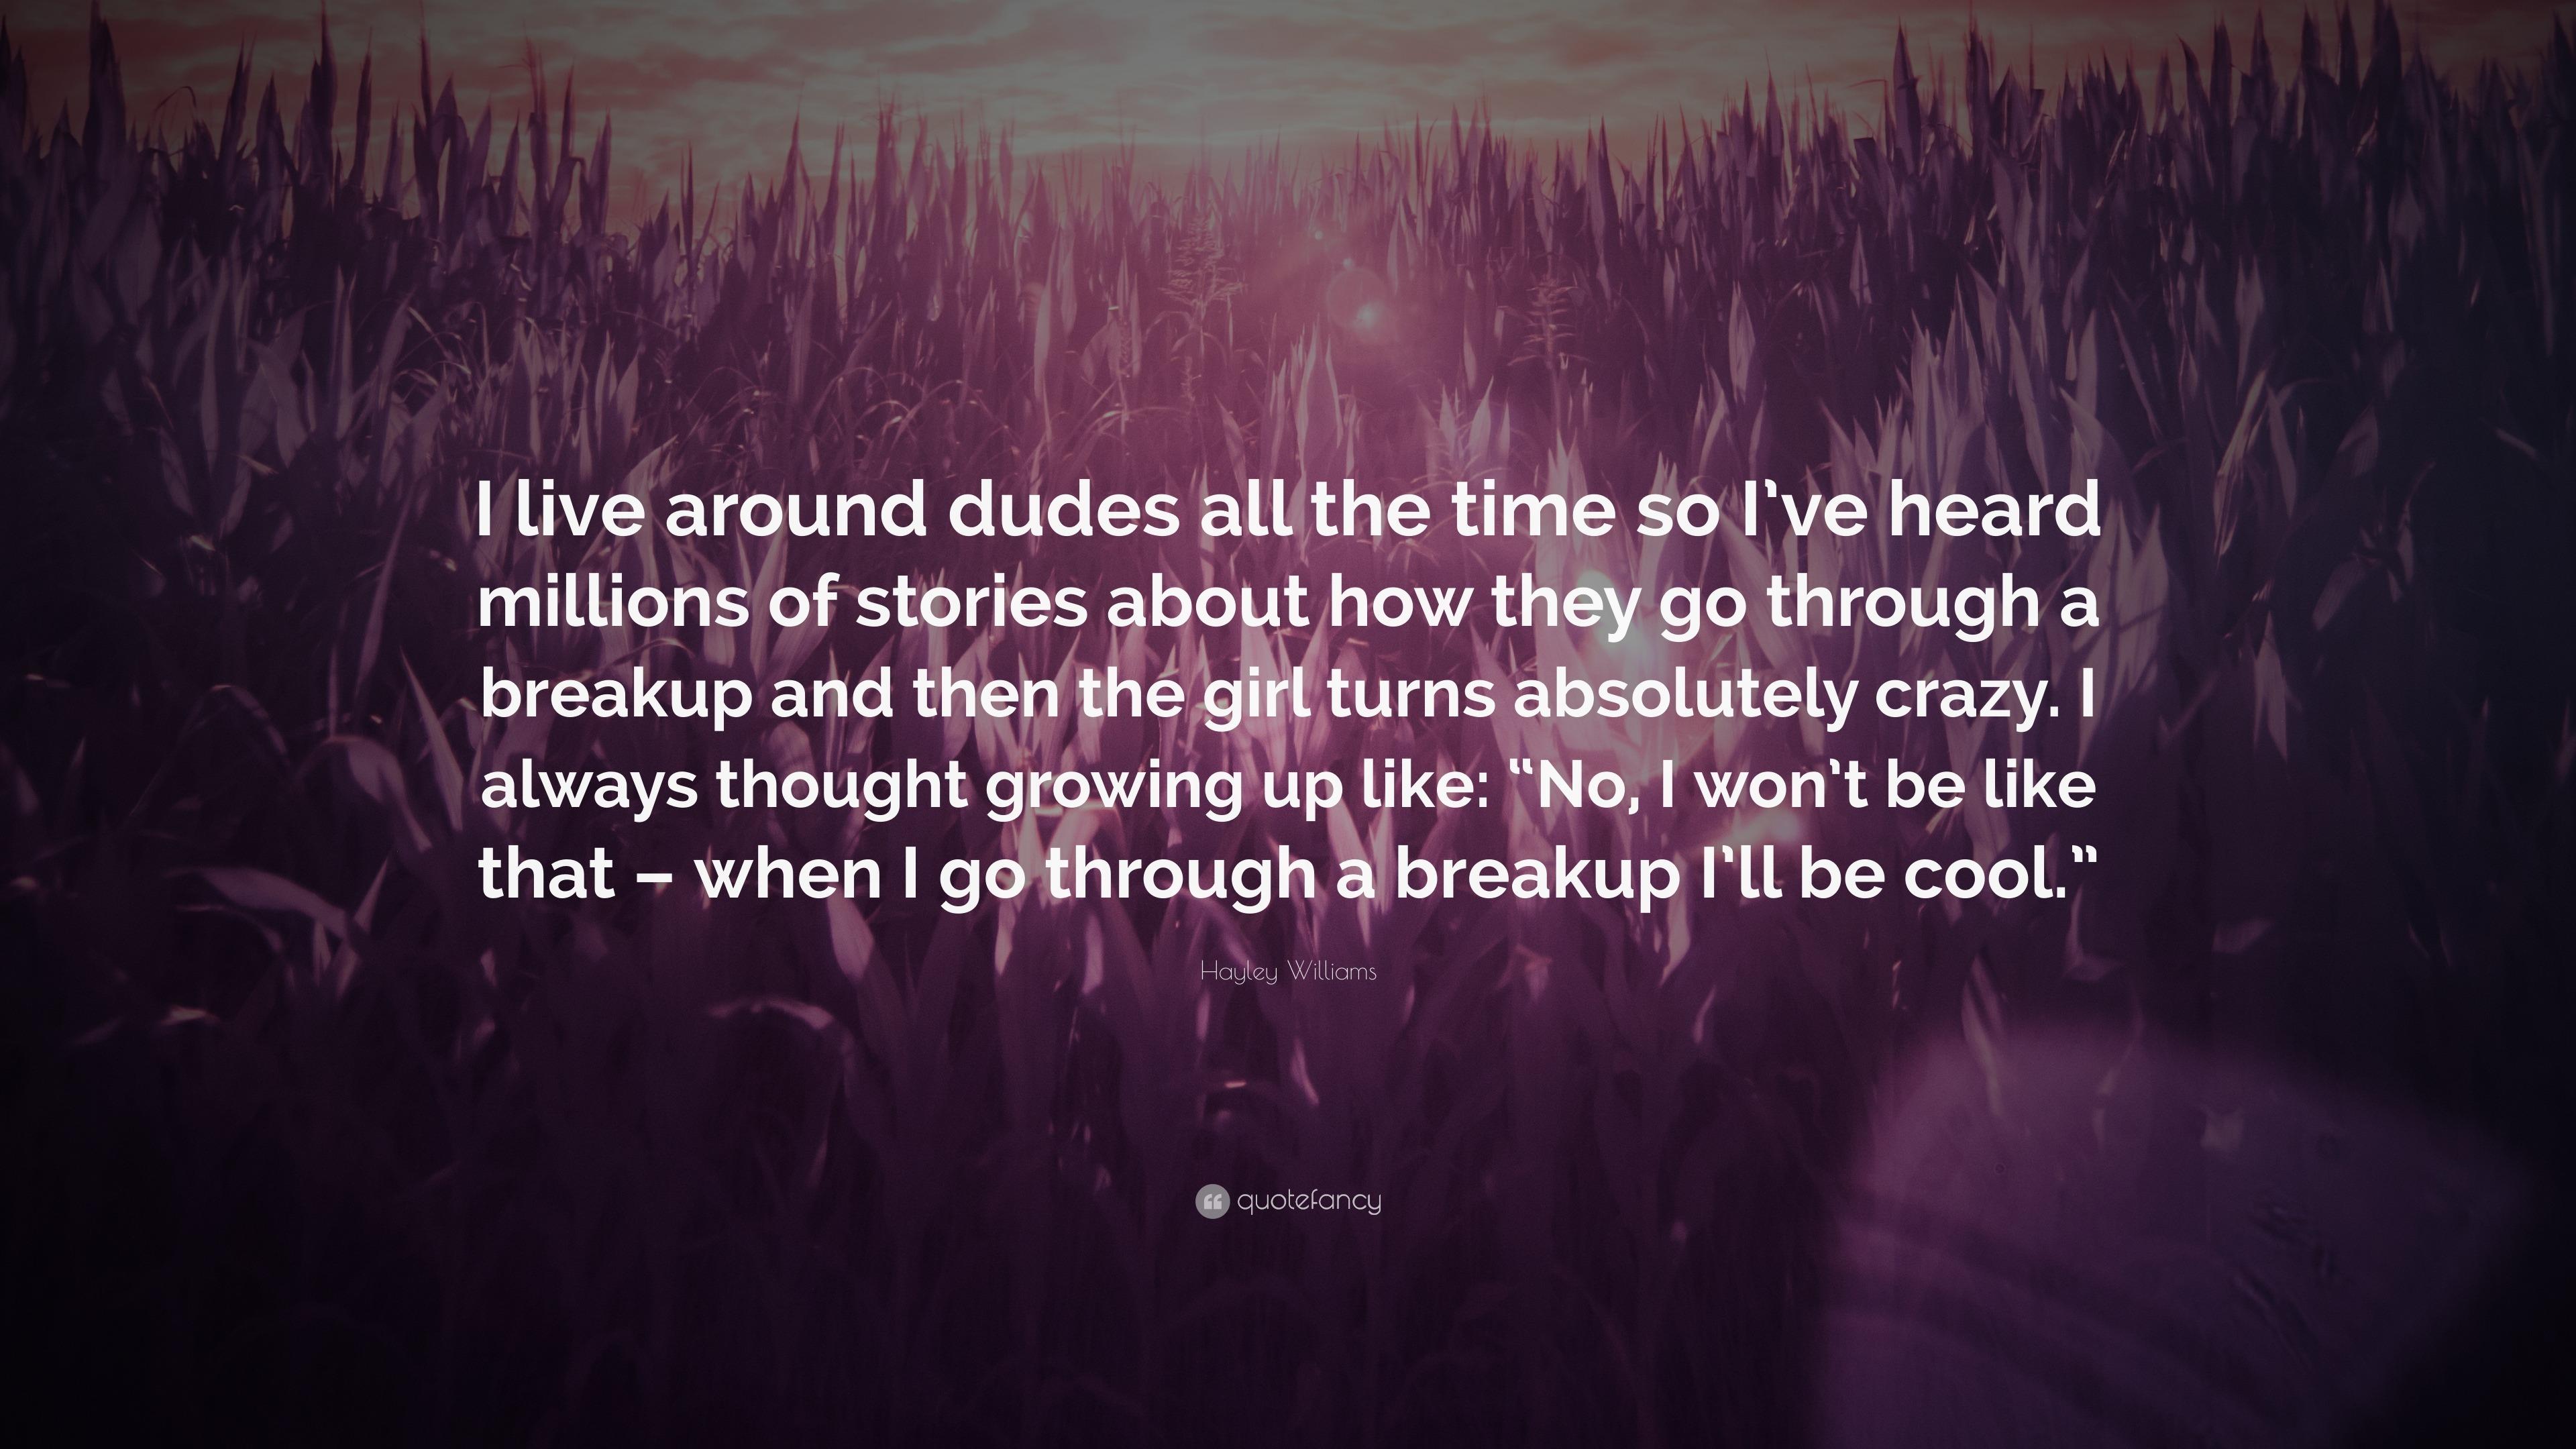 crazy breakup stories